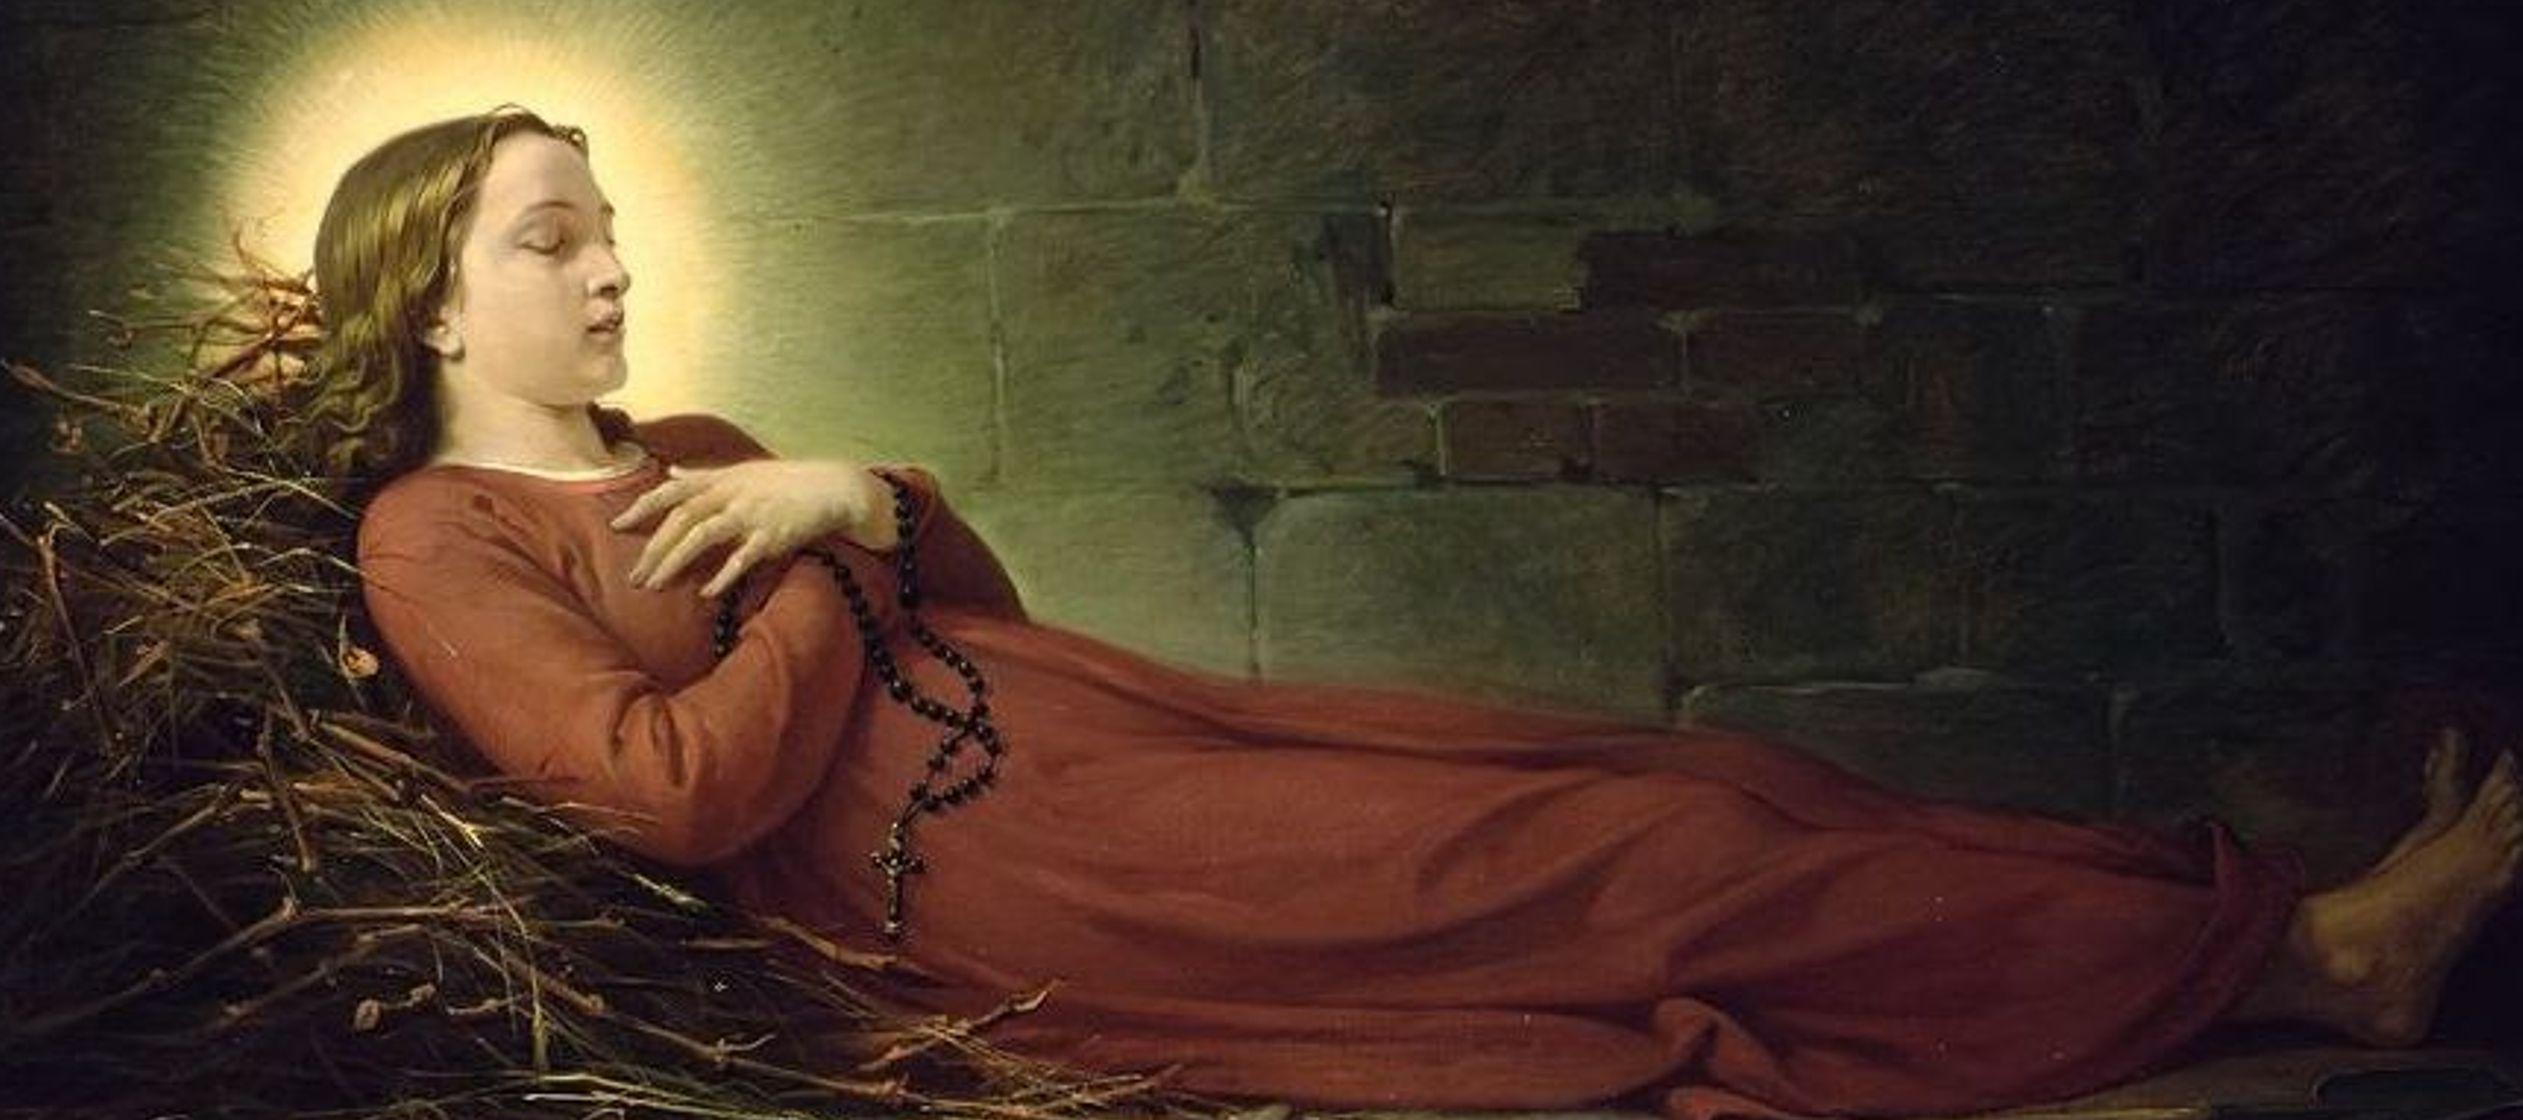 Había nacido en Pibrac, Francia, hacia 1579 porque se piensa que falleció en 1601...